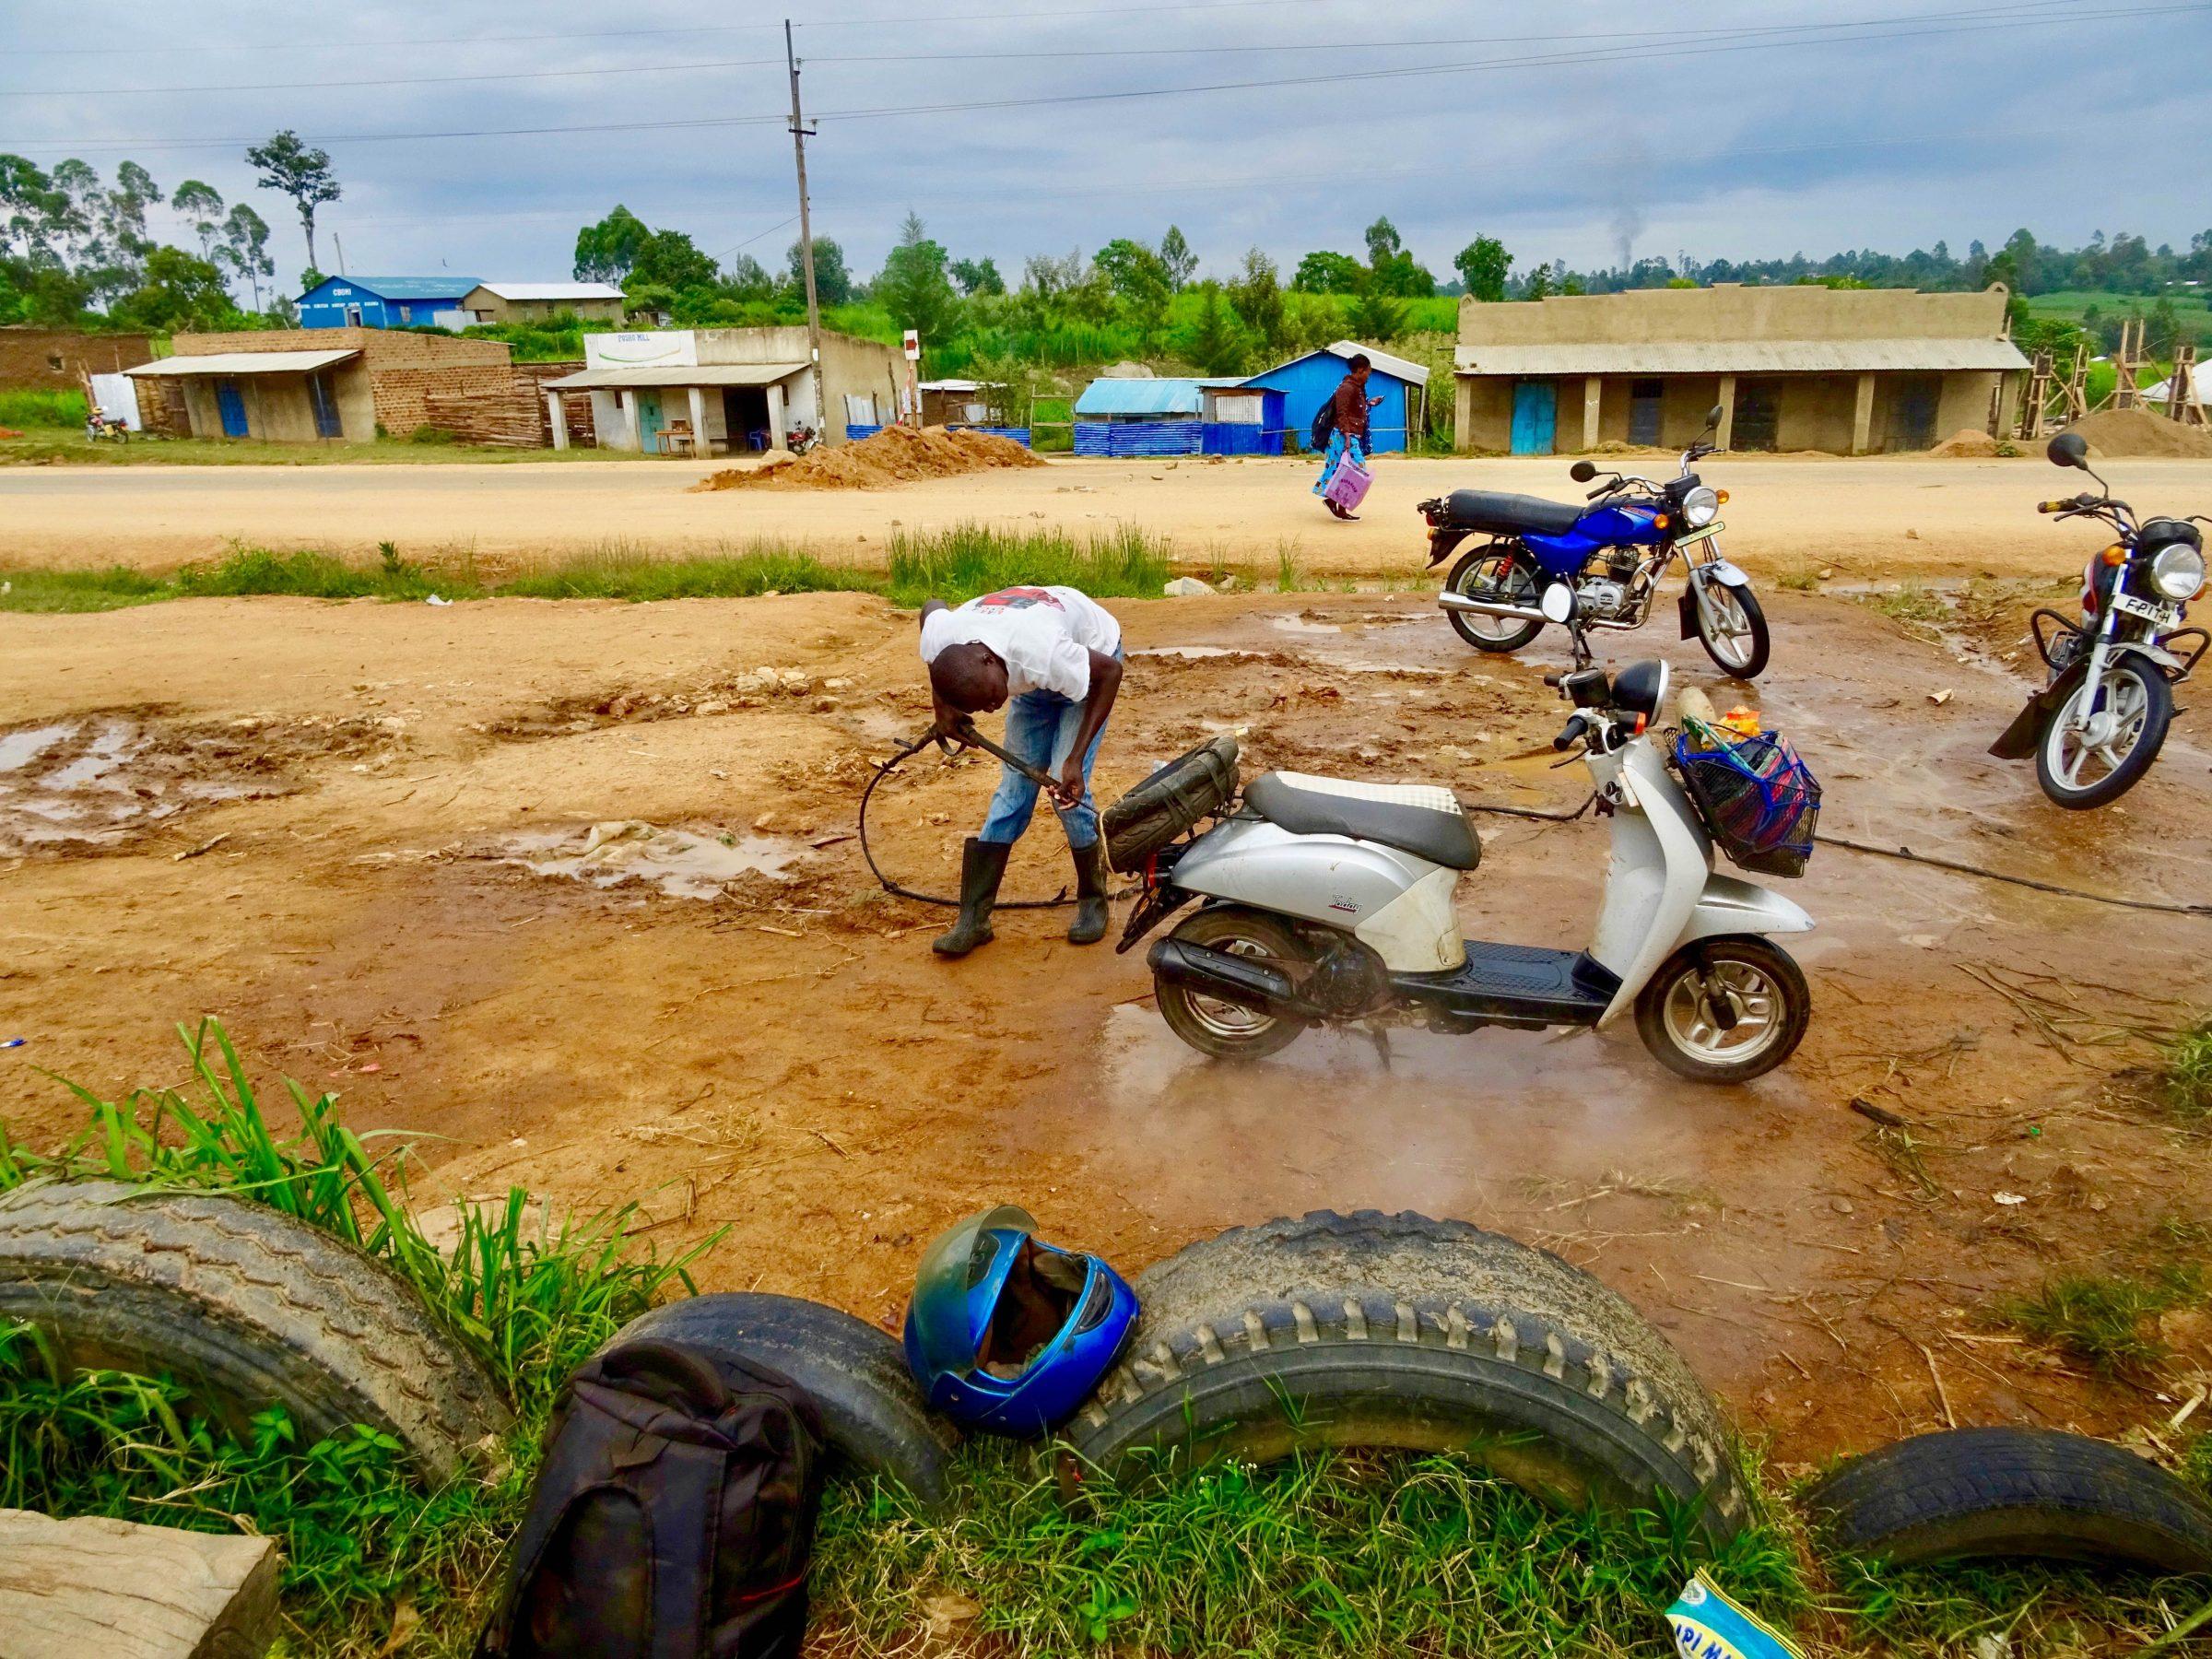 Scooter schoonmaak in Malava